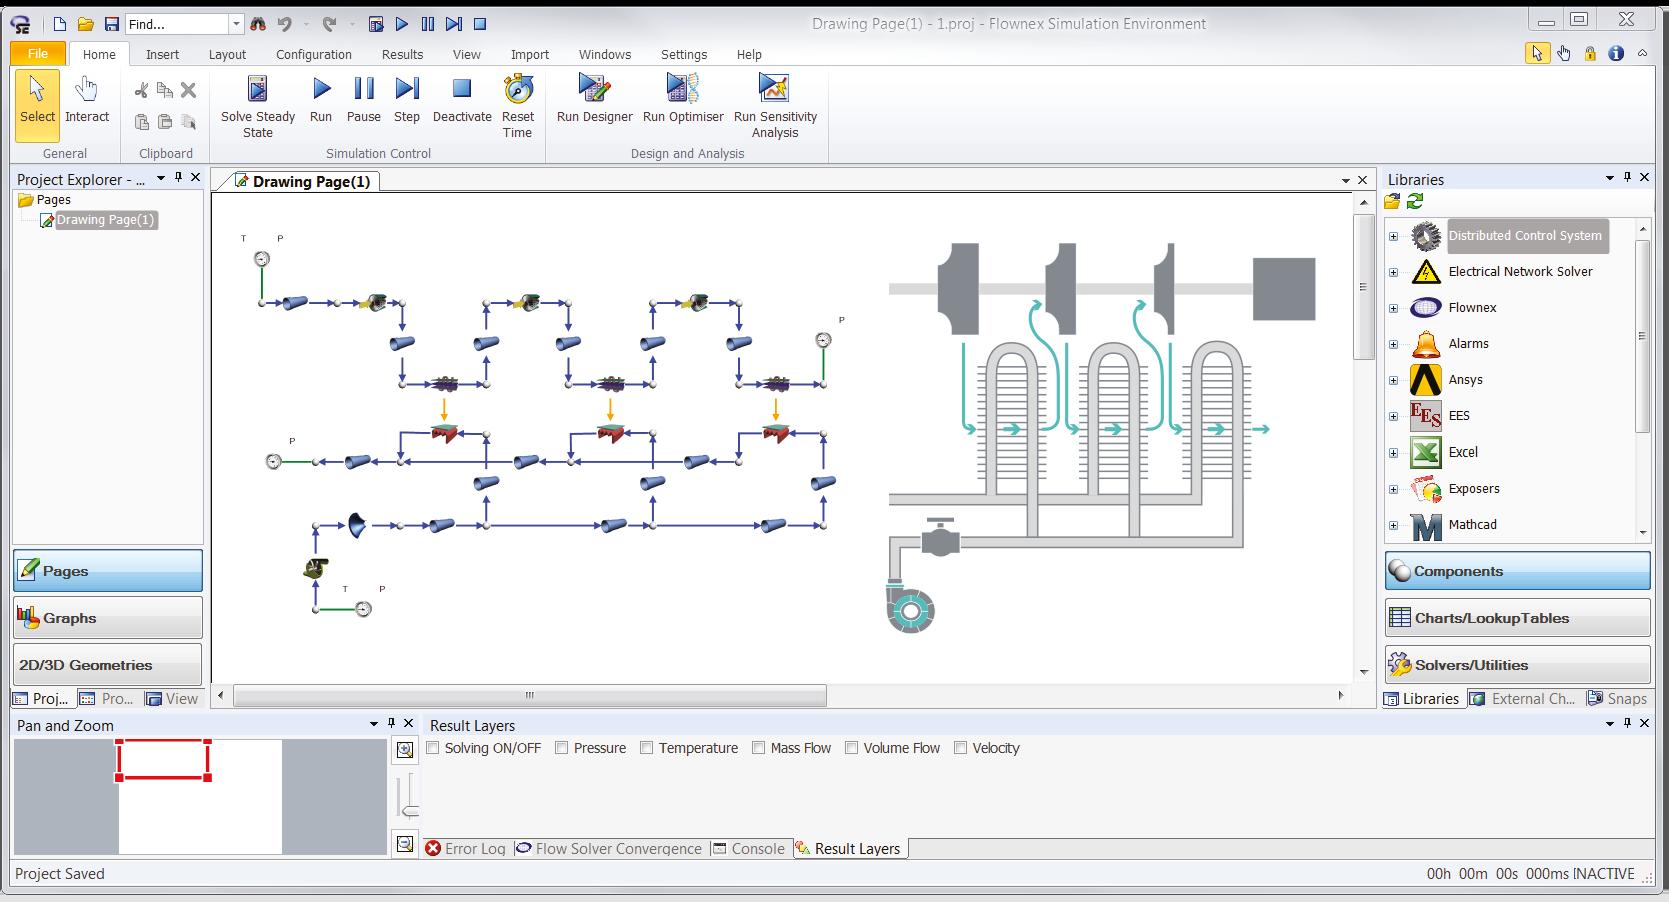 Systemsimulation mit Flownex® zur Auslegung der Zwischenkühlung eines Verdichtungsprozesses im Anlagenbau